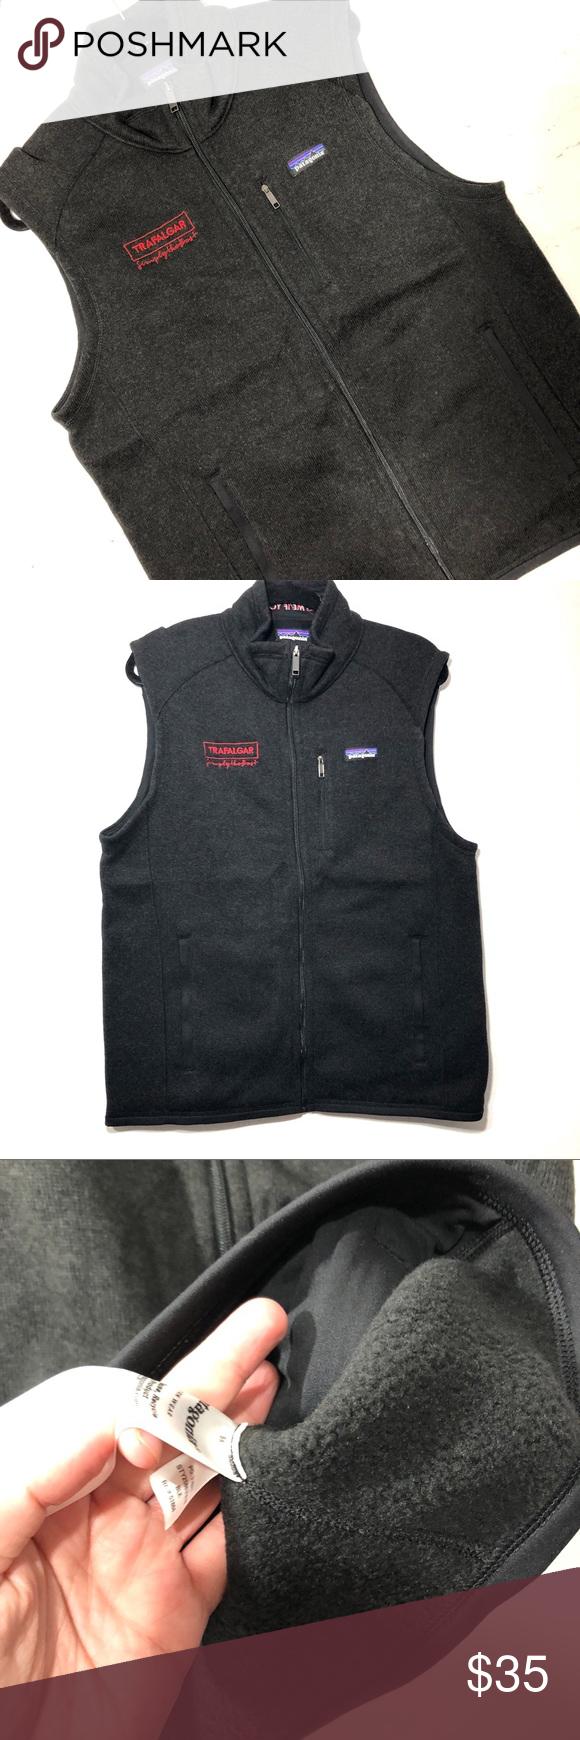 Branded Patagonia vest Patagonia vest, Grey patagonia